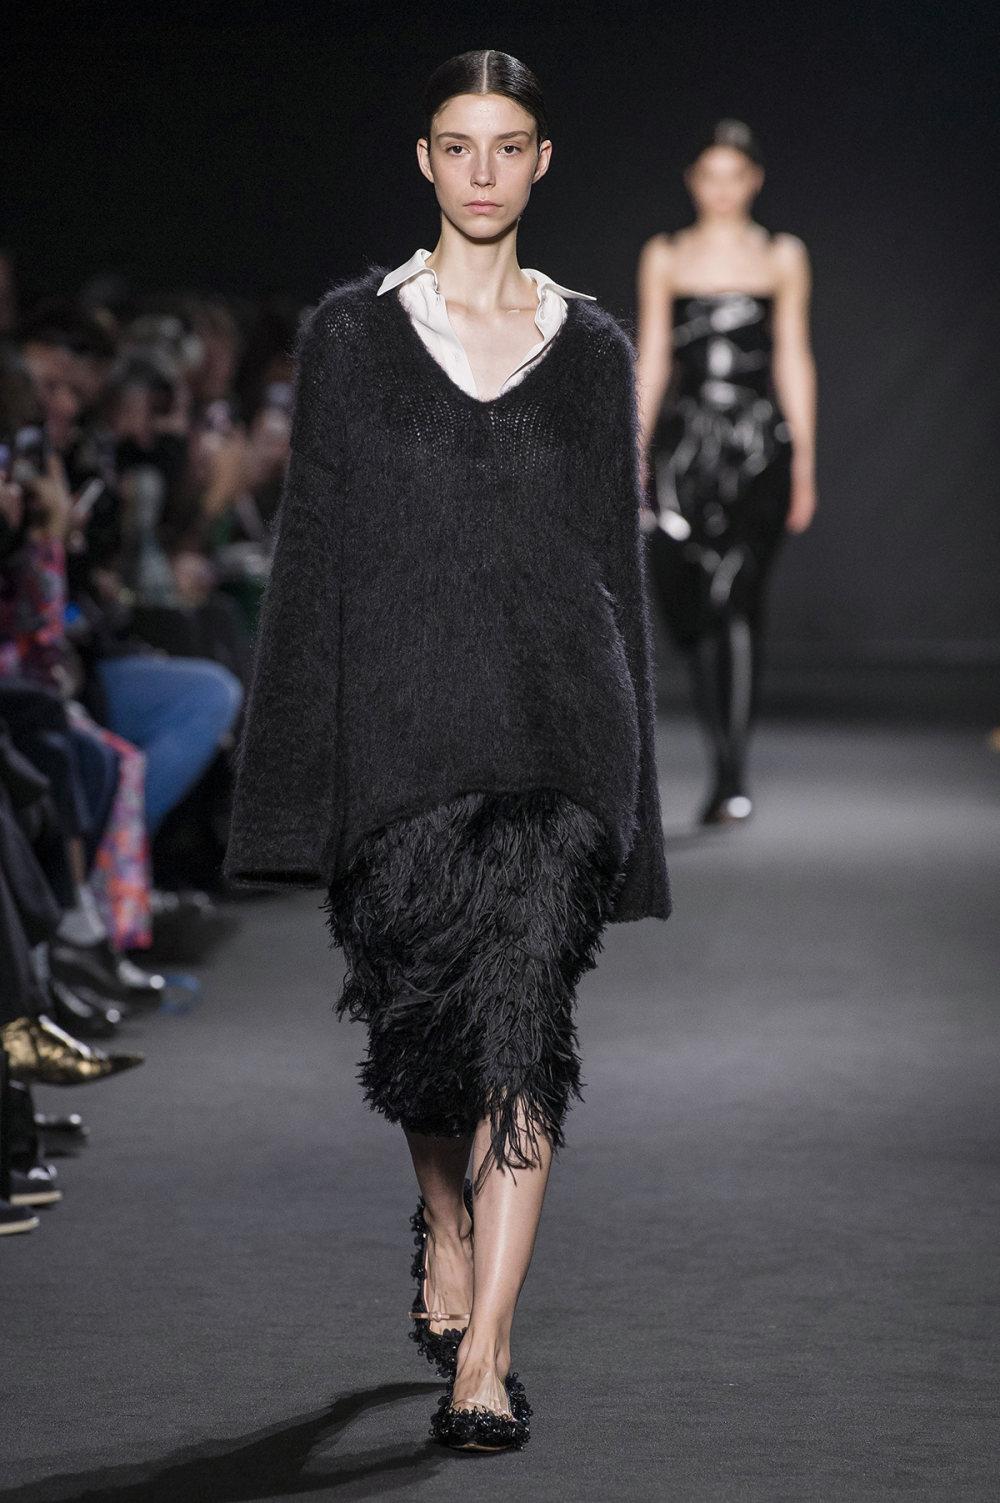 Rochas时装系列黑色无领斜纹软呢褶皱的黑色裙身饰有超细短袖衬衫-9.jpg